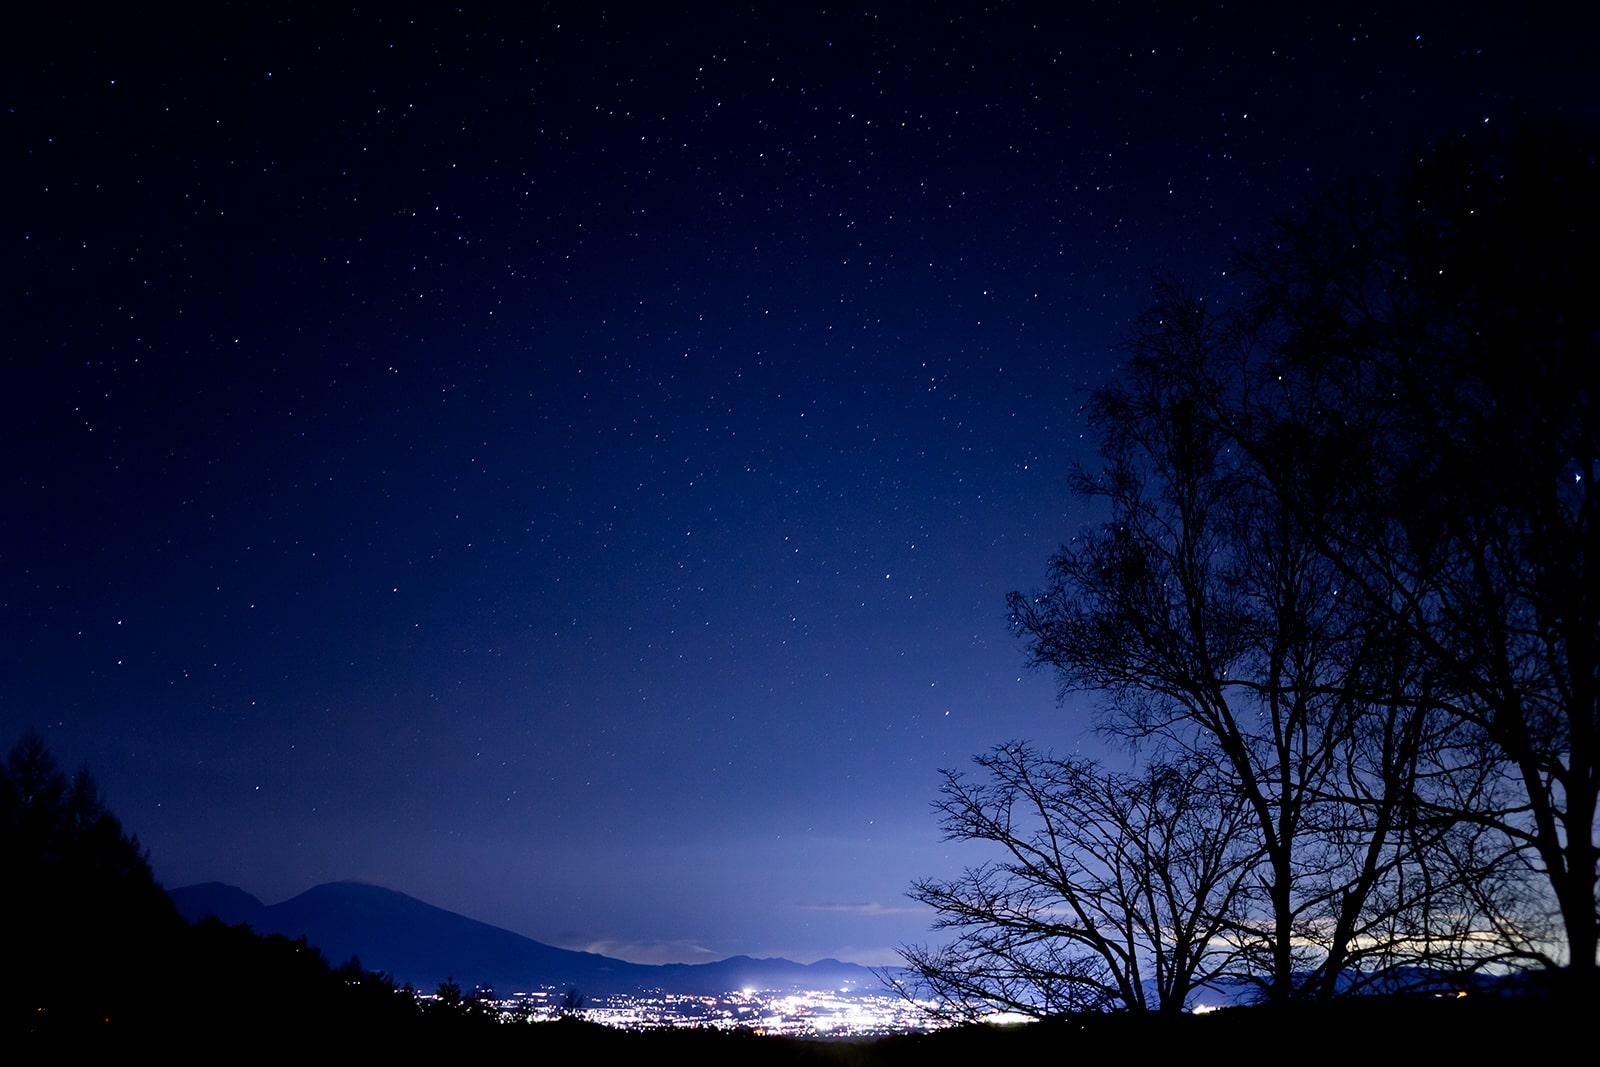 白樺高原の北側入り口にあたる三望台からは浅間連山や佐久平の夜景とともに満点の星空を眺められる